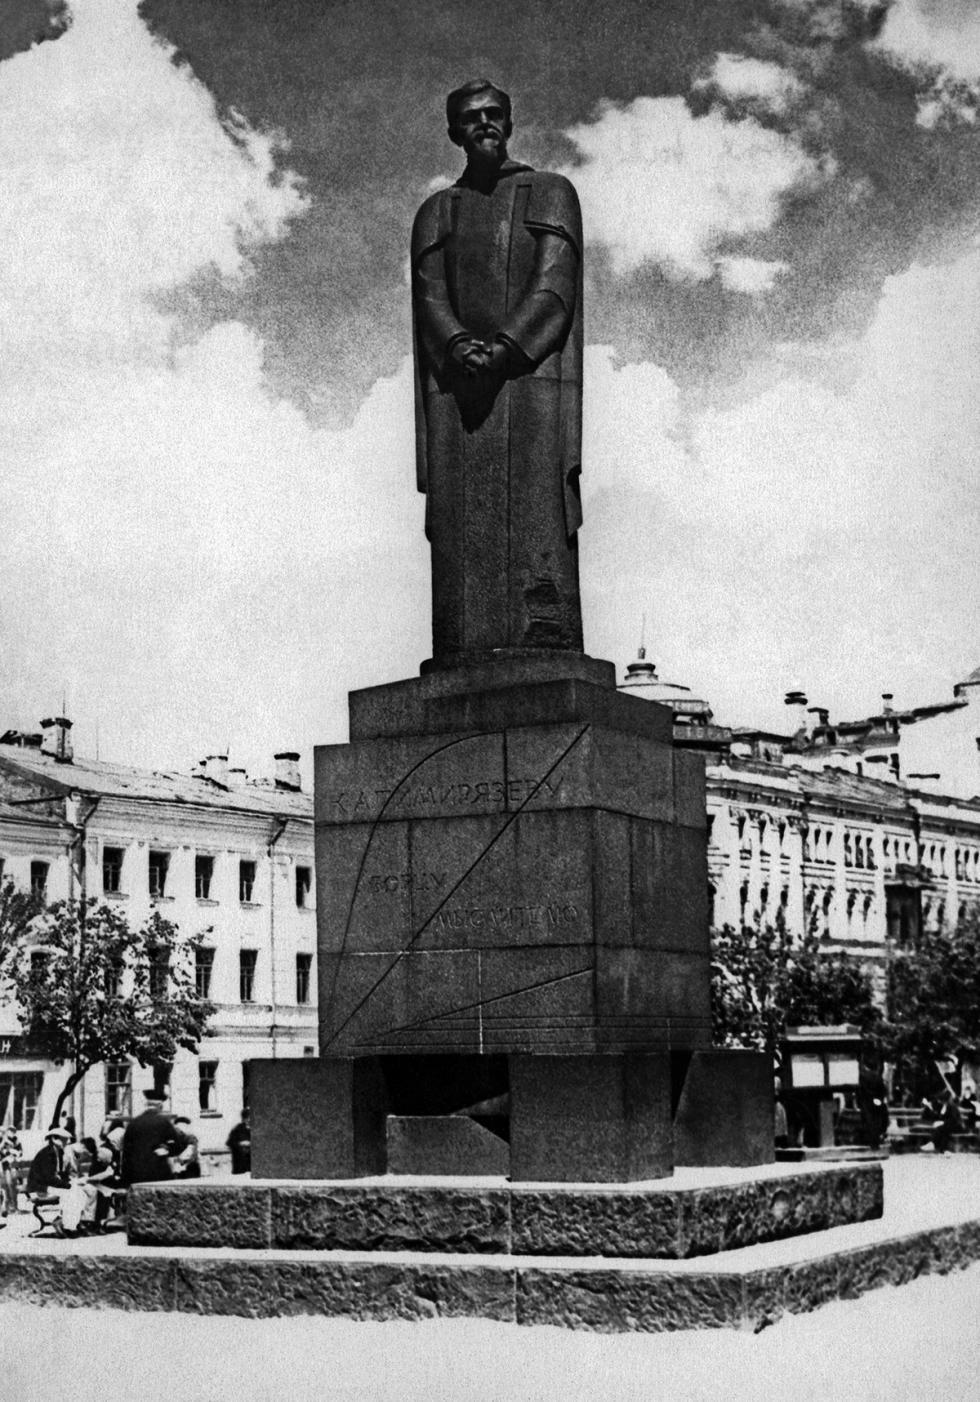 1930年代的雕像。图片来源:塔斯社